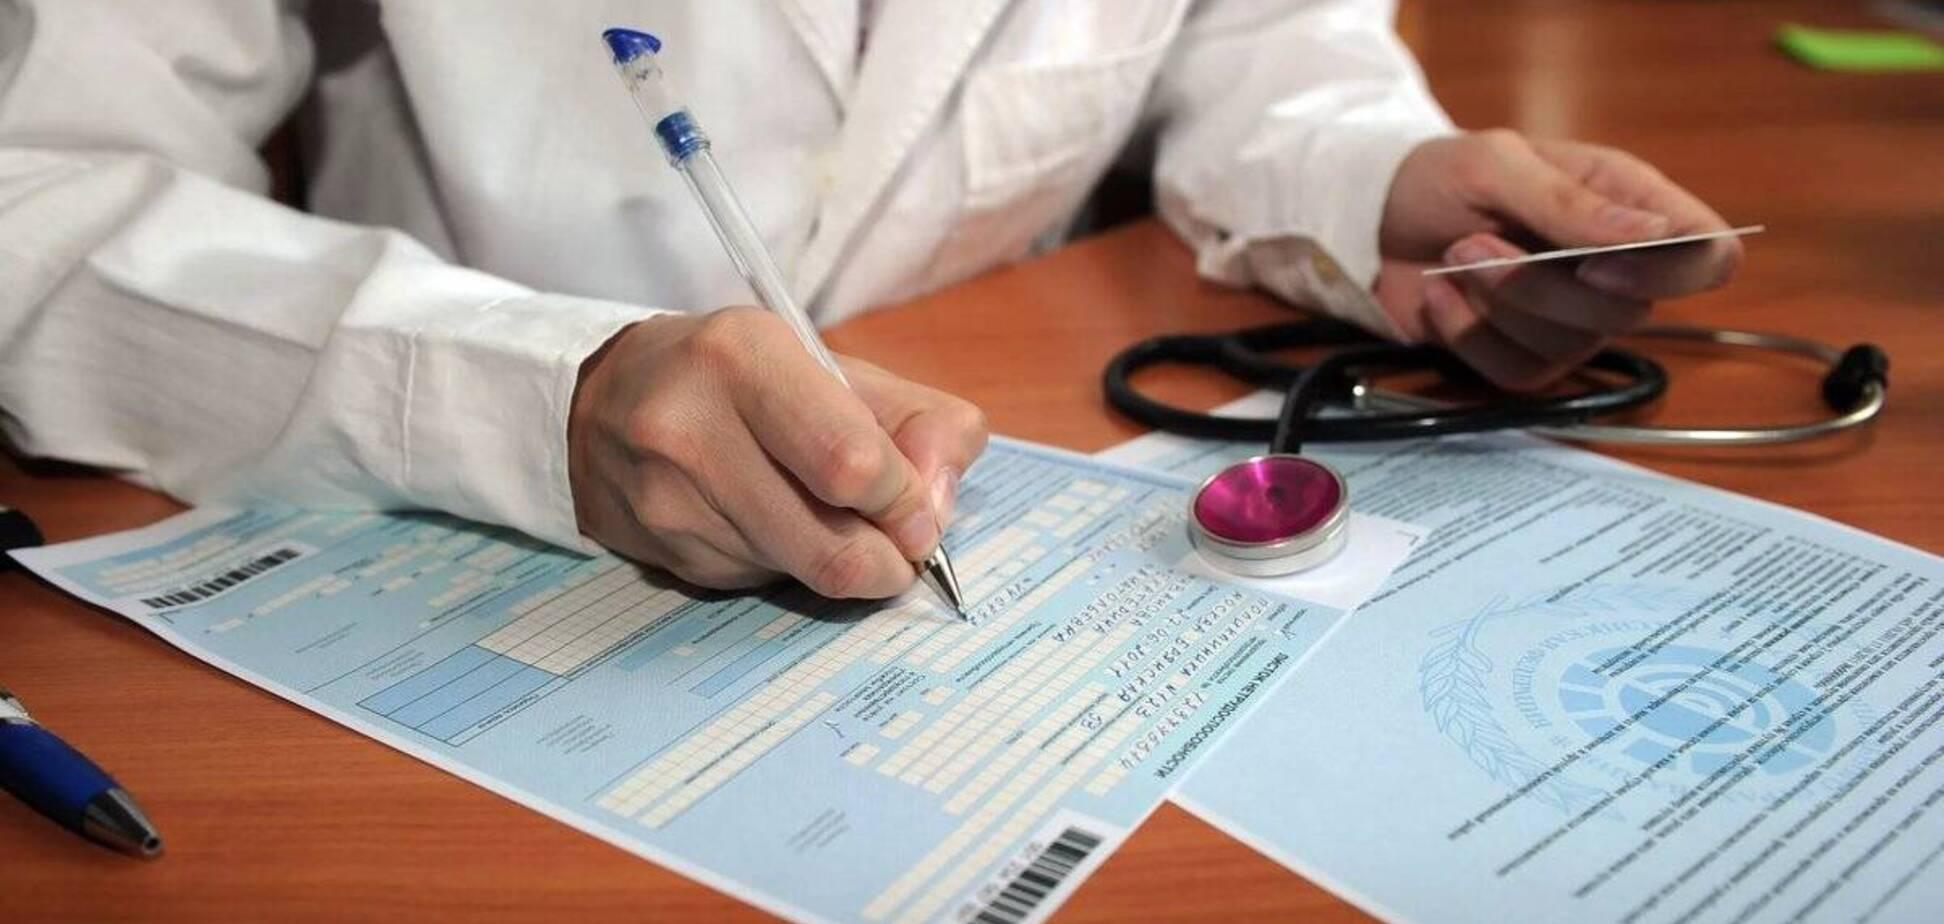 У Фонда соцстраха возникли проблемы с выплатой больничных